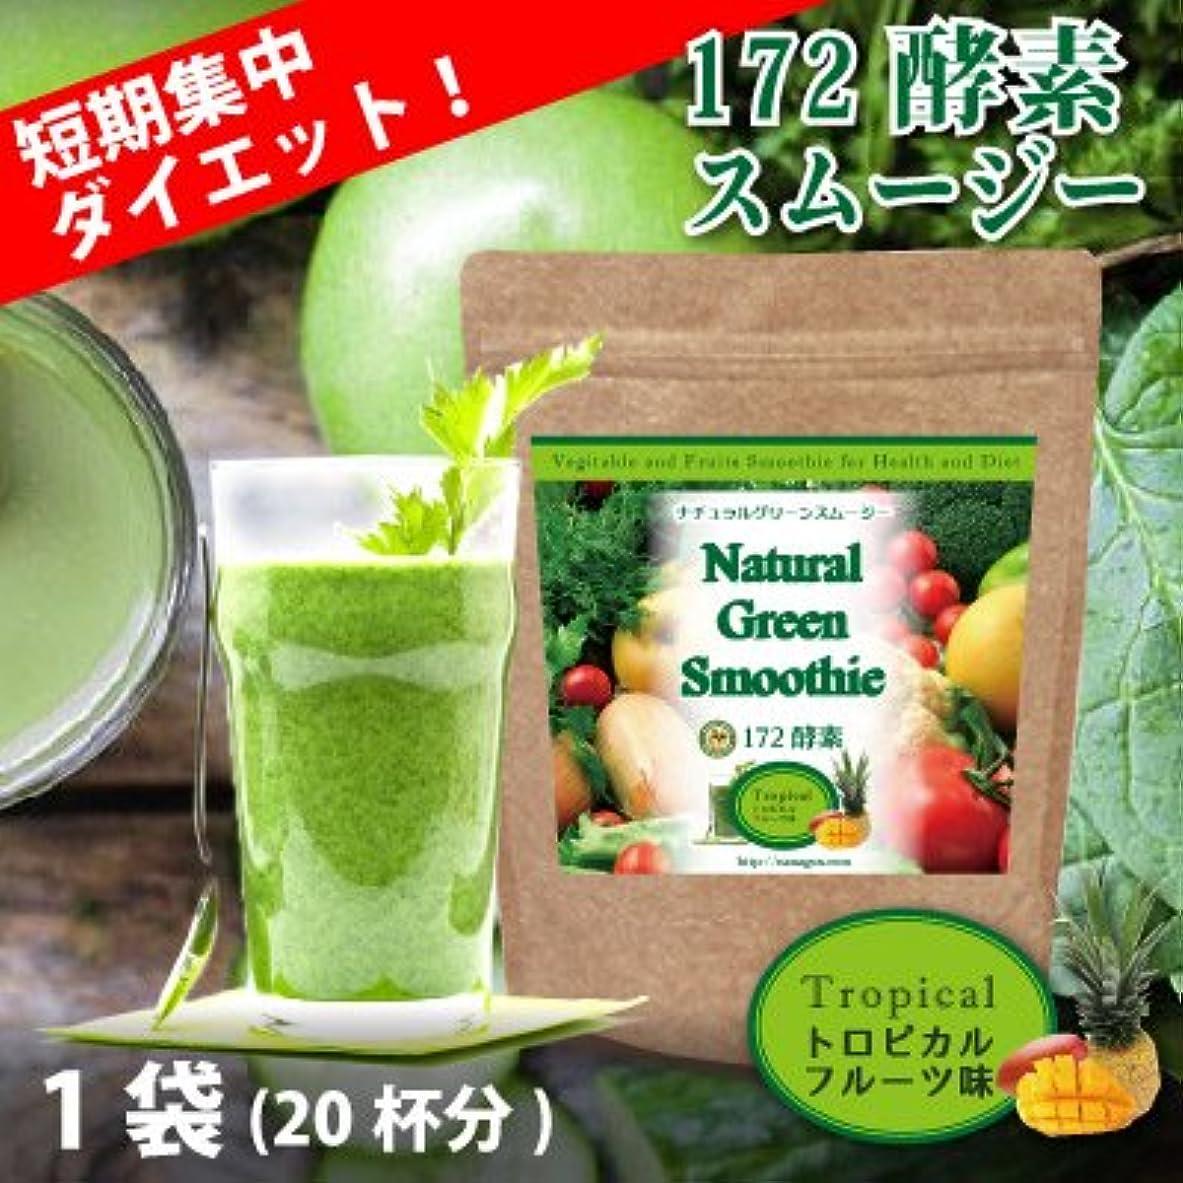 安心させる理想的には投げる【ダイエット】越中ななごん堂のナチュラルグリーンスムージー 置換え 172酵素 200g